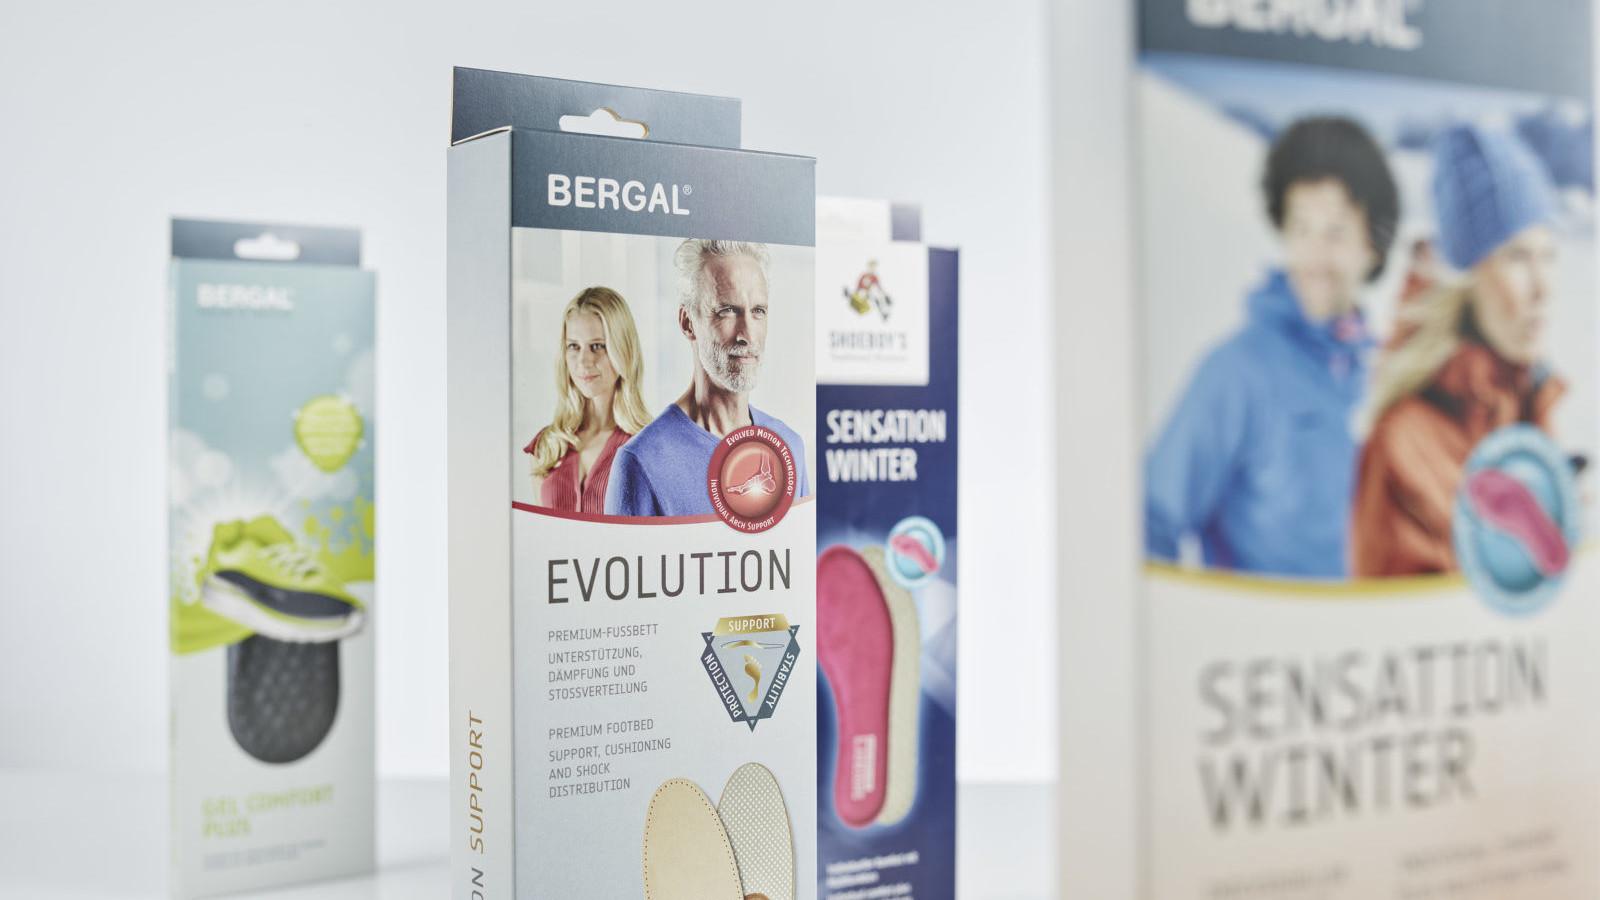 Bergal Verpackungen Evolution und Sensation Winter